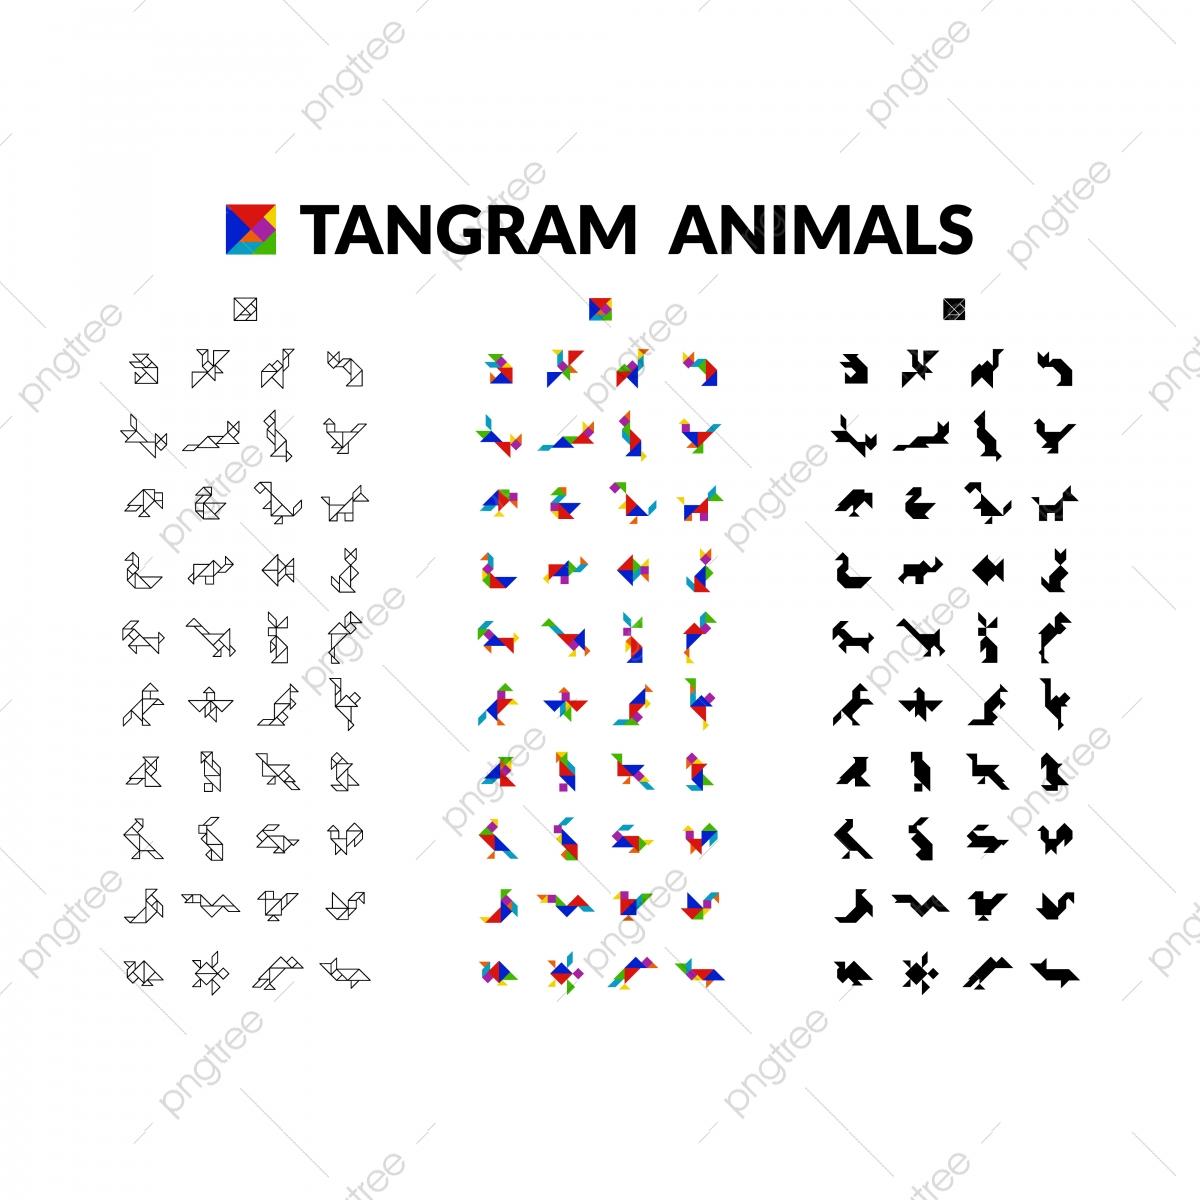 Ensemble De Jeux De Cerveau Animaux Tangram Pour Les Enfants destiné Jeux De Animaux Gratuit